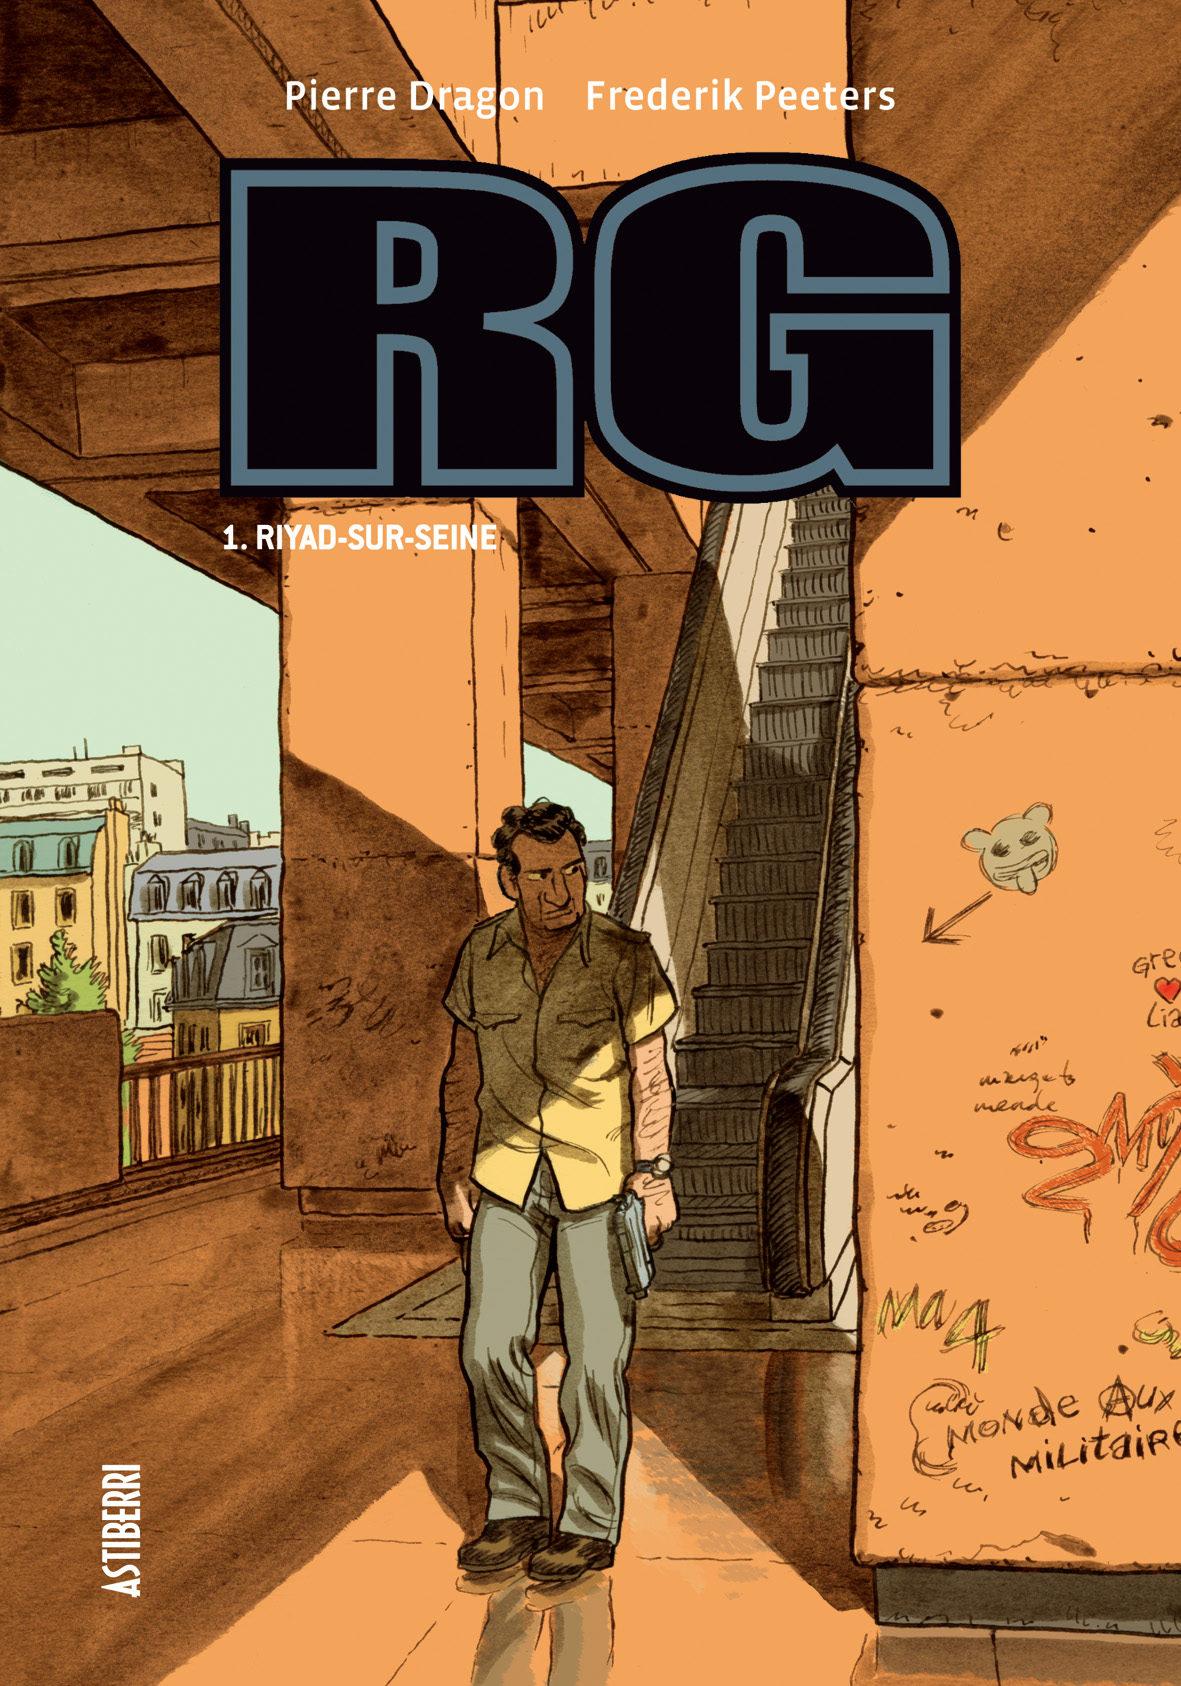 Rg Nº 1: Riyad-sur-seine - Dragon Pierre